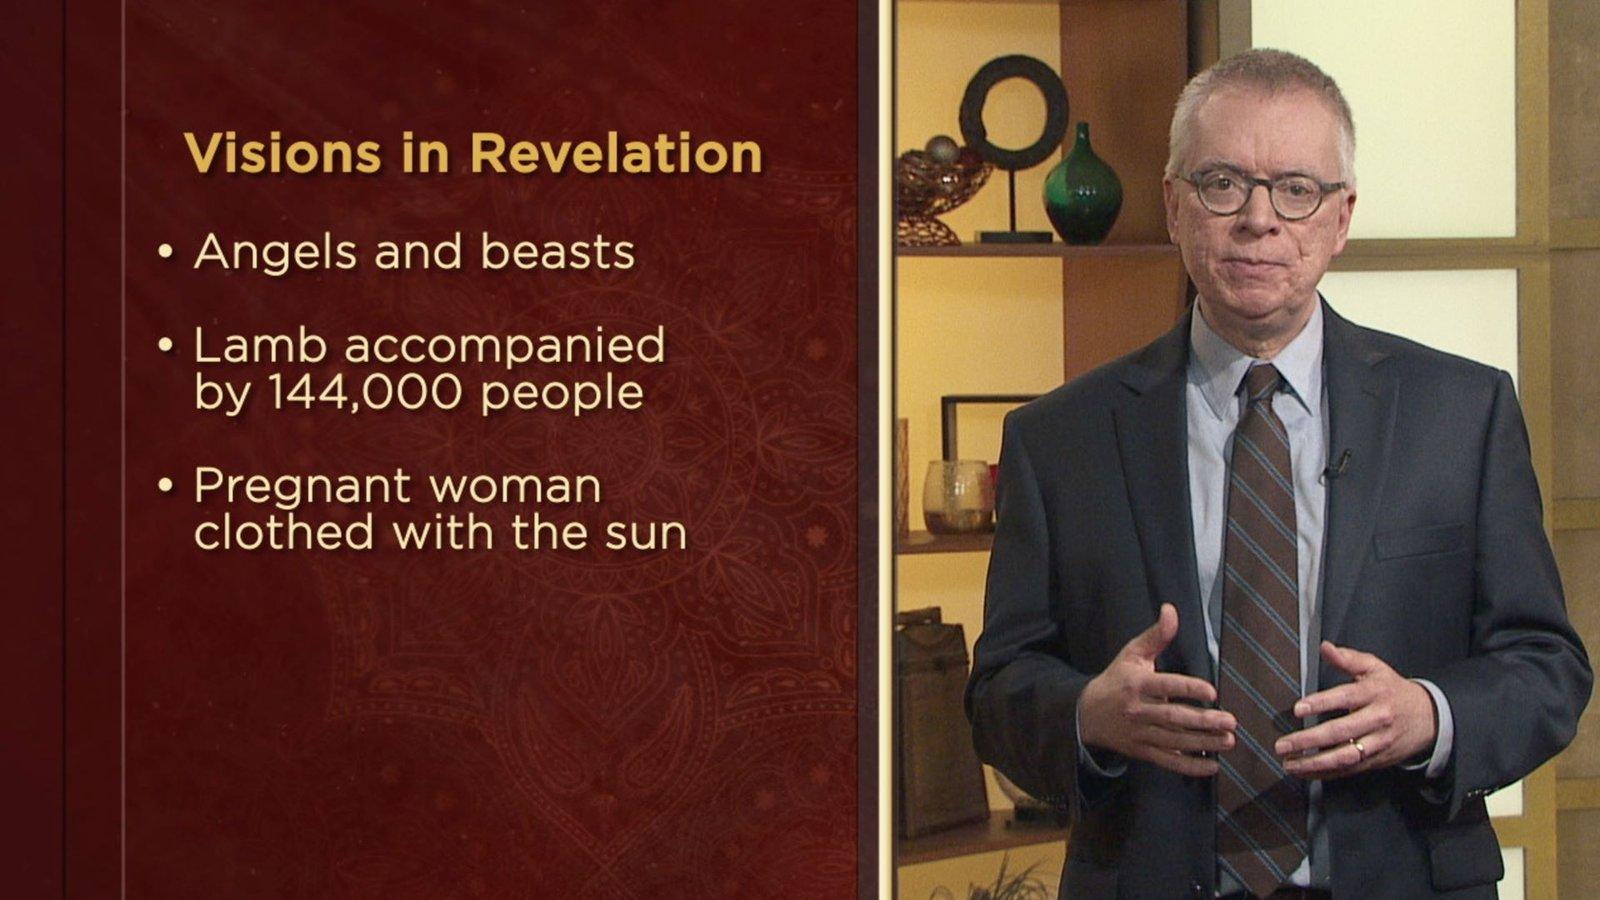 Revelation: Envisioning God's Reality